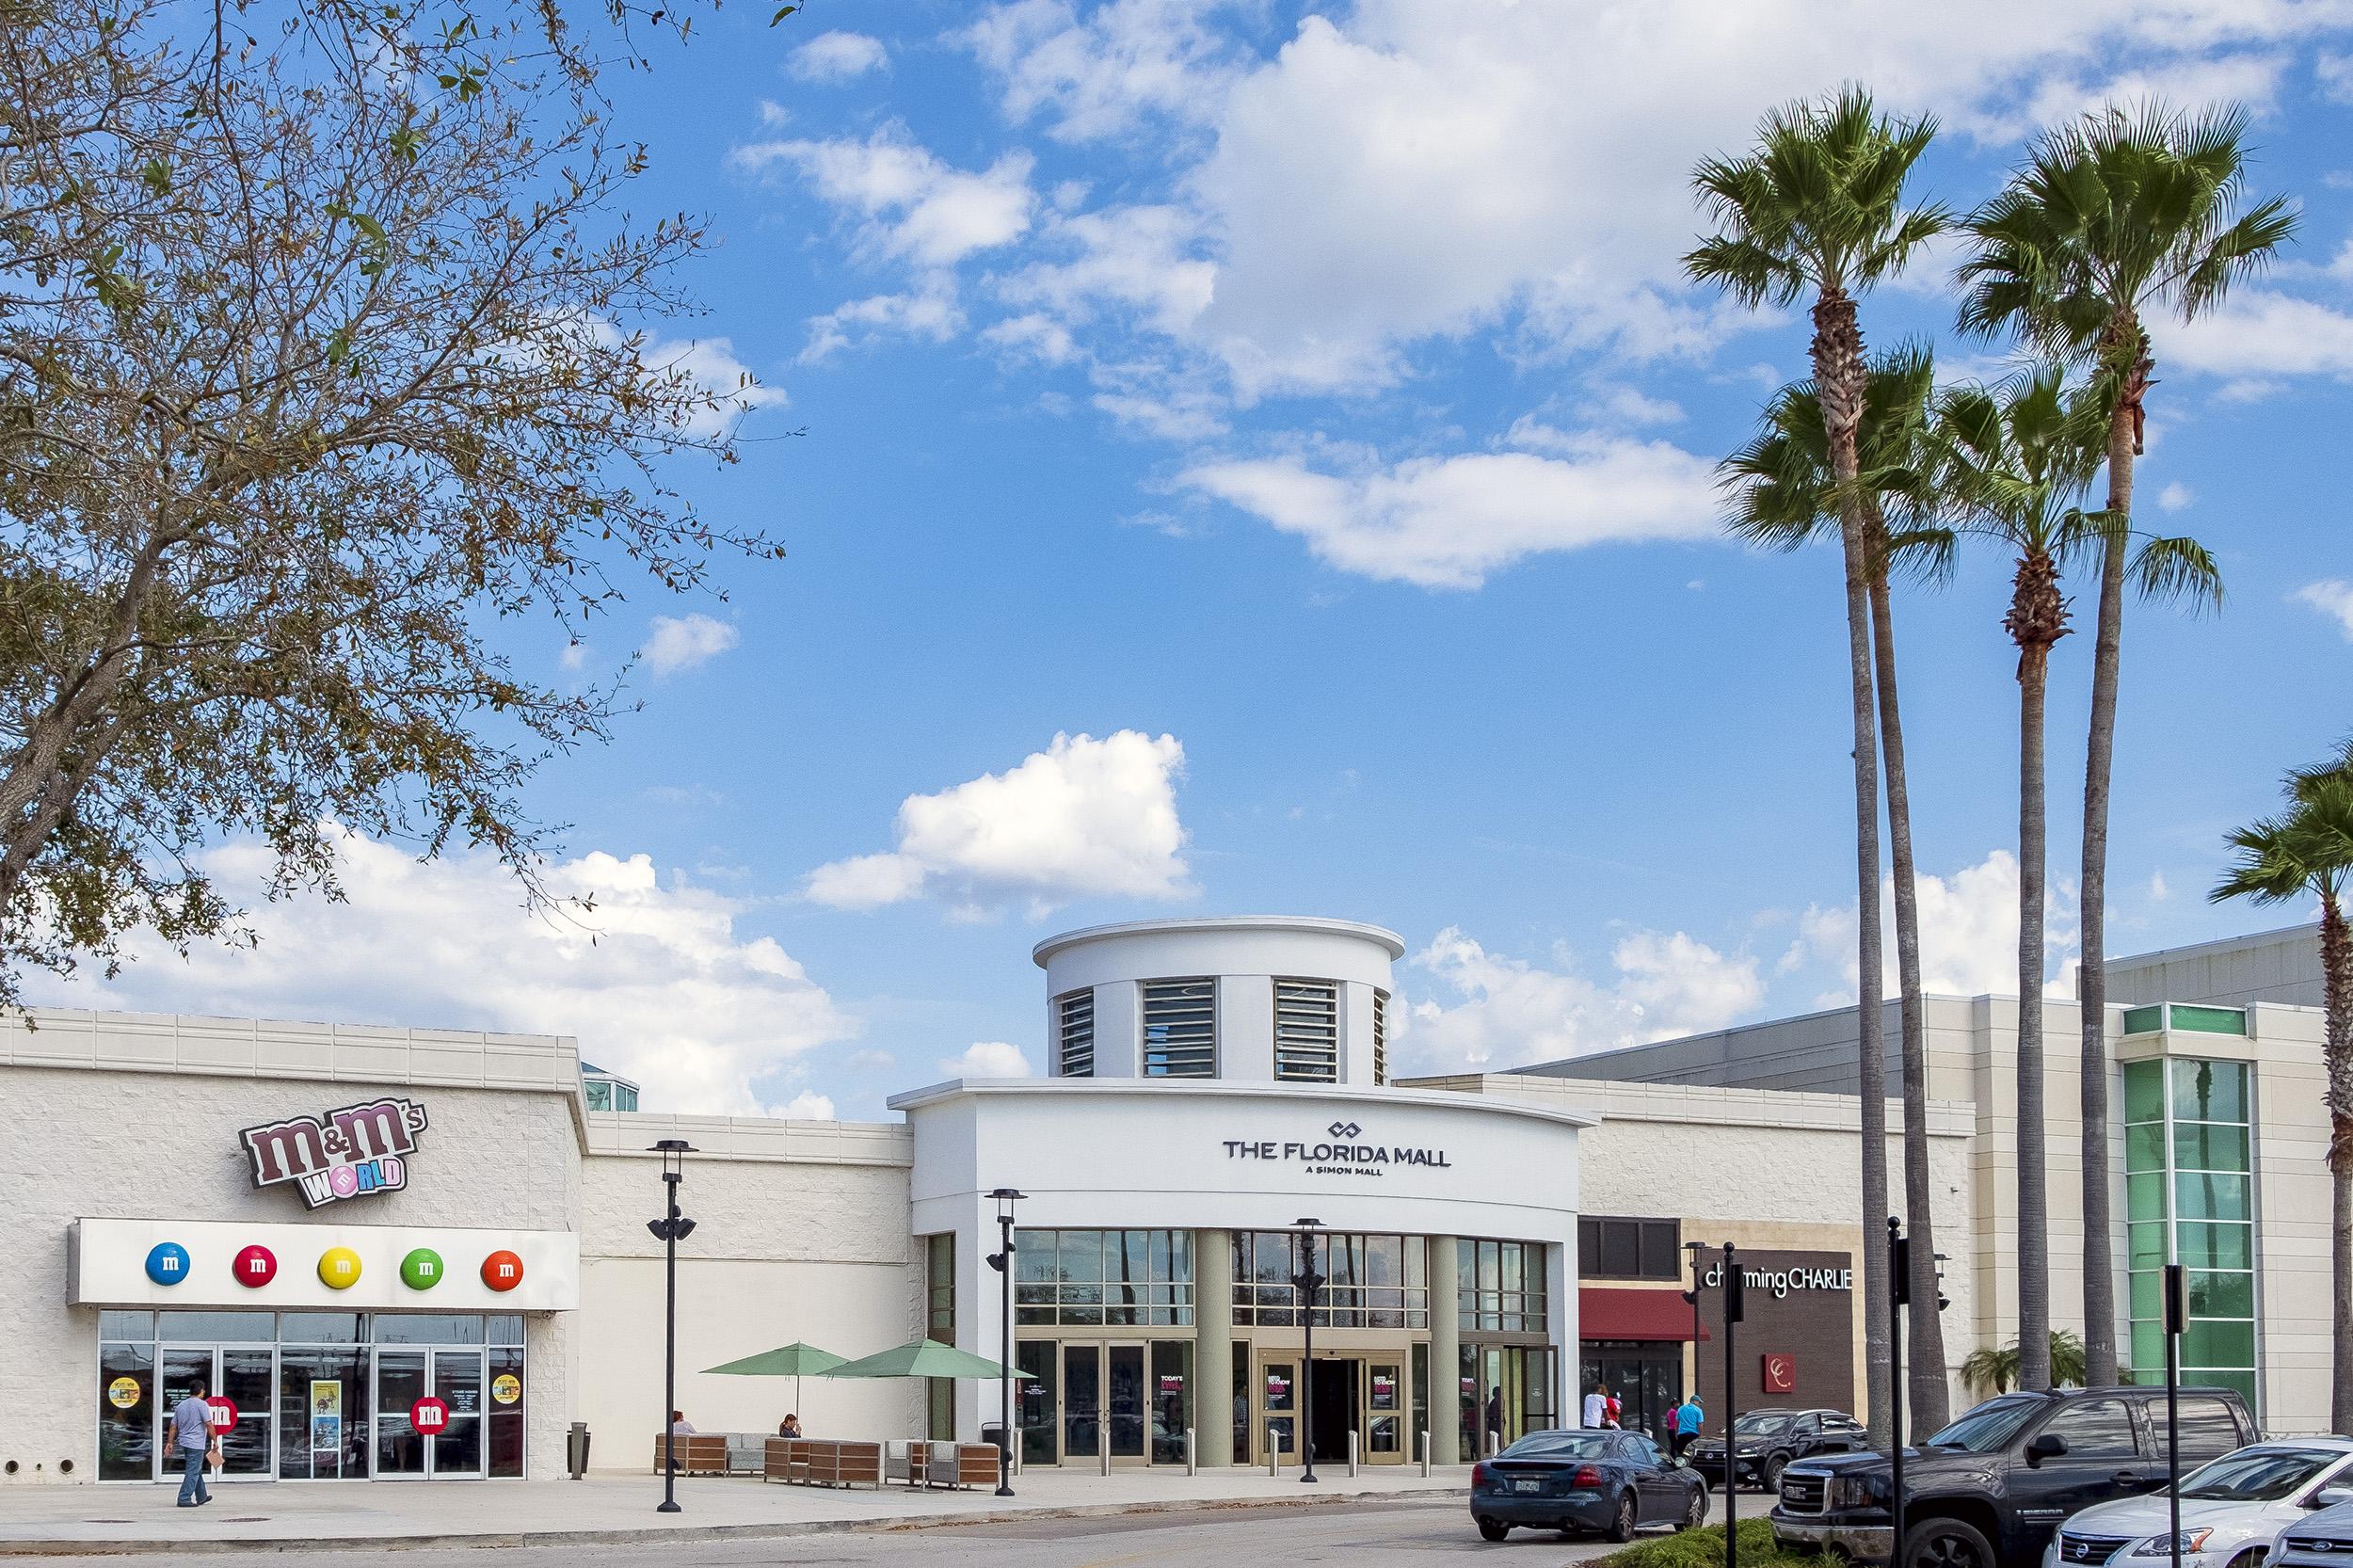 Florida Hotel & Conference Center Orlando Florida Mall